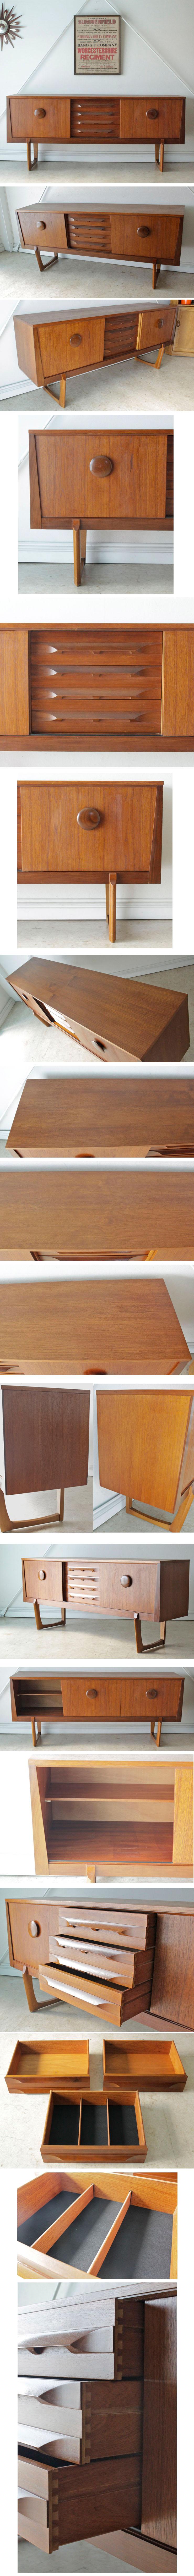 イギリス製ビンテージ・サイドボード【チーク】テレビボード・Elliotts of Newbury製/アンティーク・収納家具・ミッドセンチュリー014001